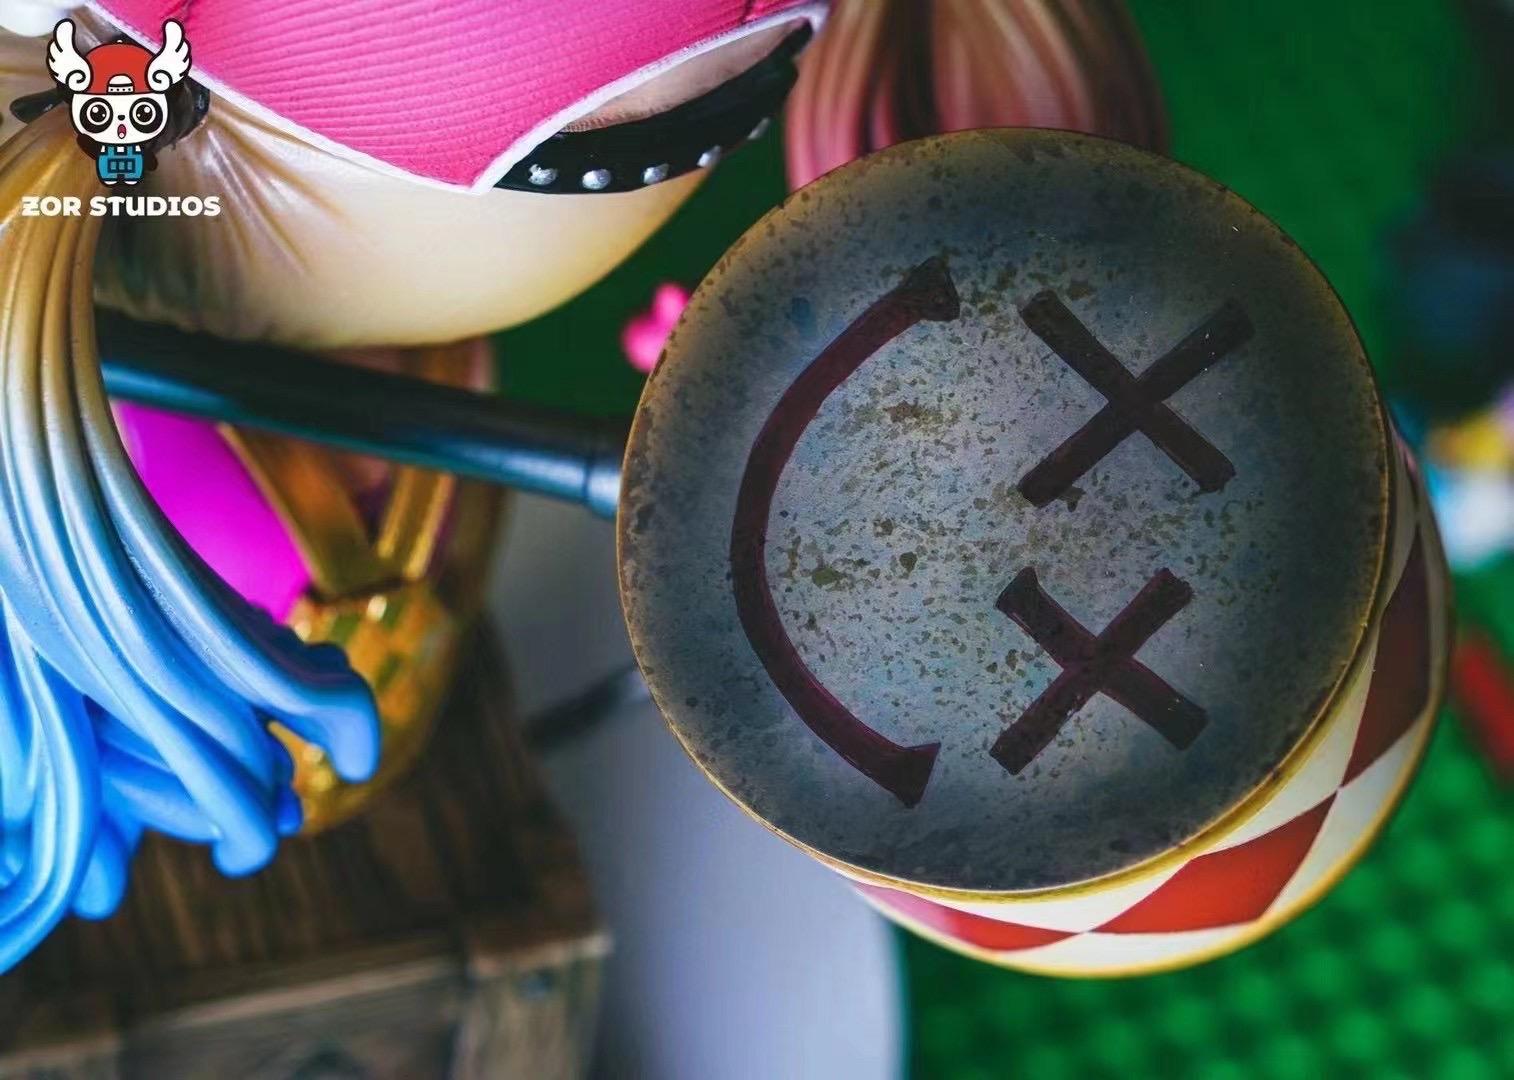 อาราเล่ X ฮาร์ลีย์ ควินน์ Harley Quinn Arale by ZOR (มัดจำ) [[SOLD OUT]]